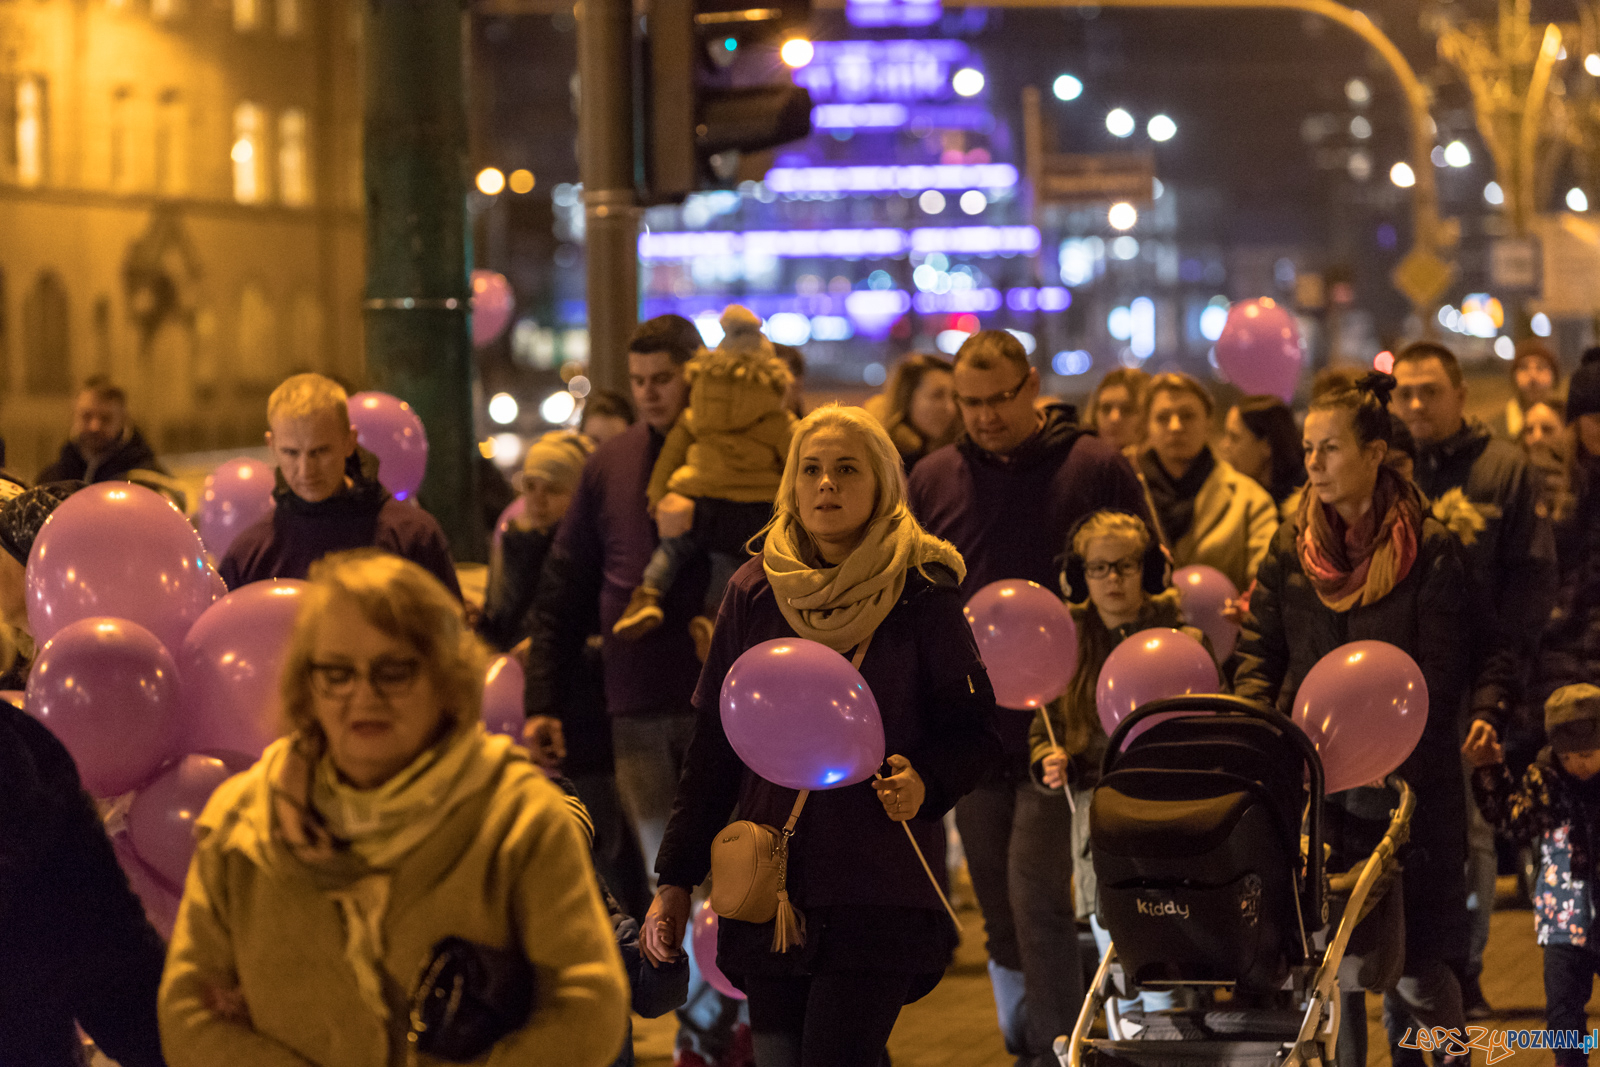 Spacer dla Wcześniaka - fioletowe światełko do nieba  Foto: lepszyPOZNAN.pl/Piotr Rychter